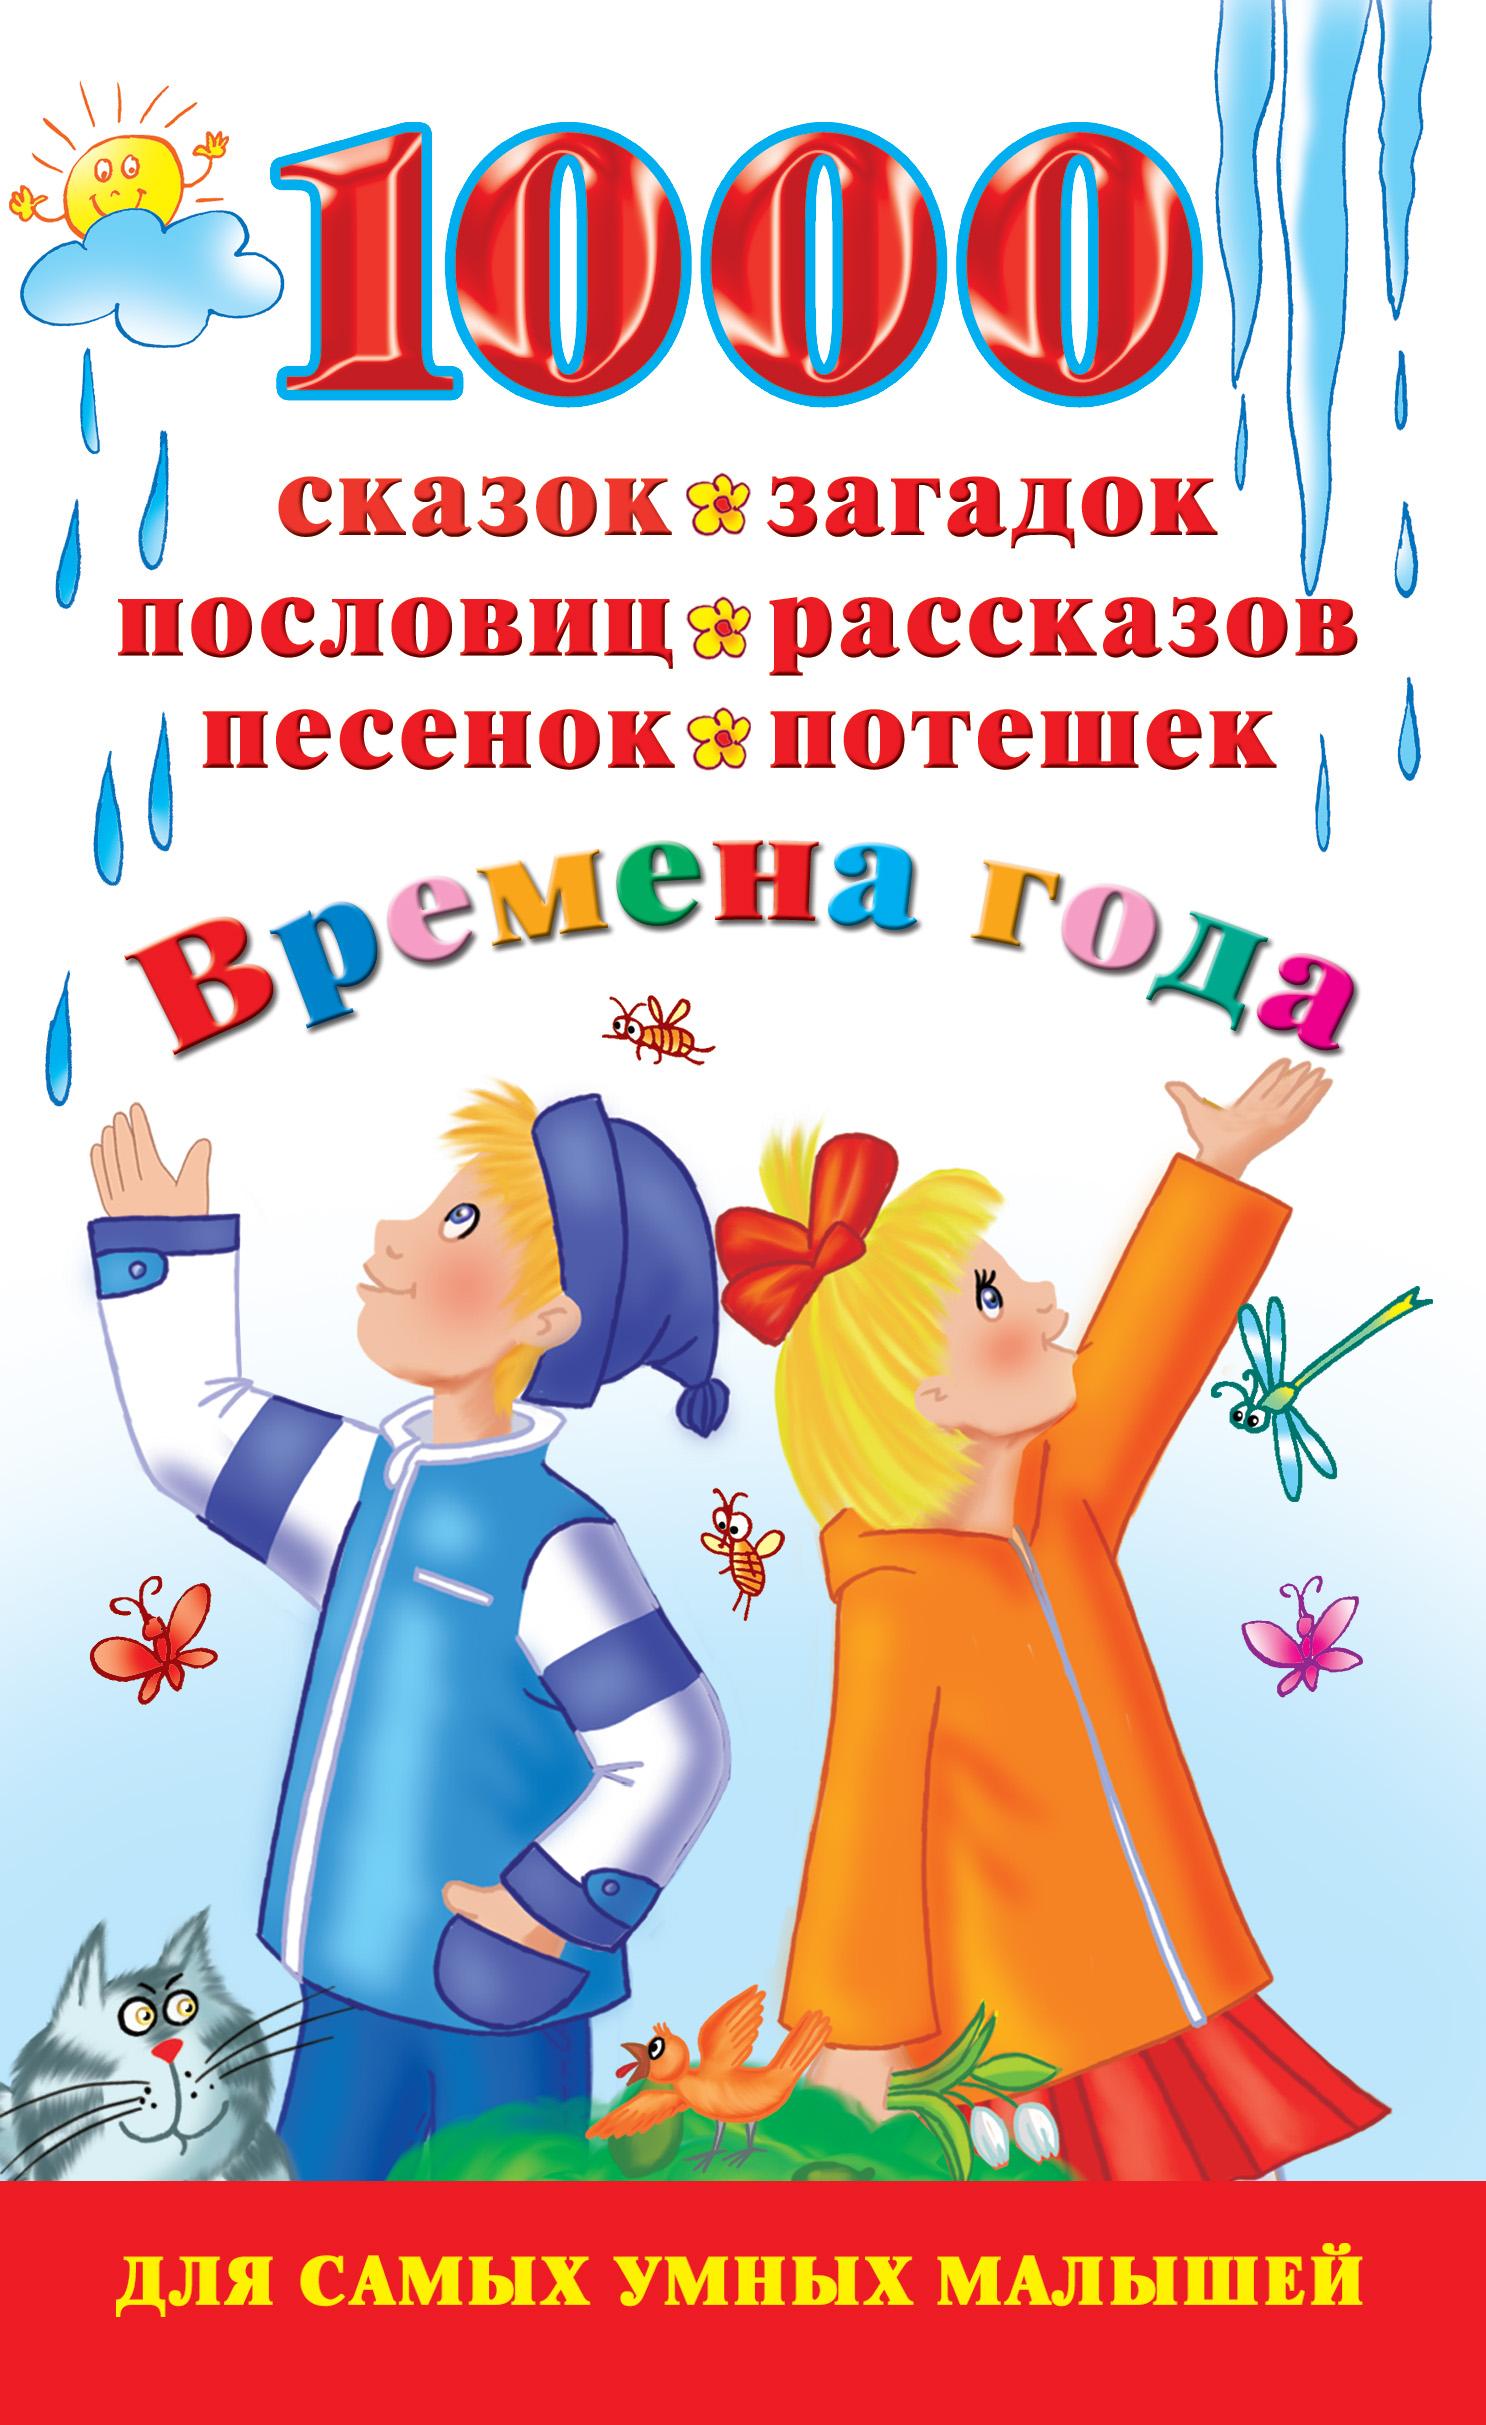 В. Г. Дмитриева 1000 сказок, загадок, пословиц, рассказов, песенок, потешек. Времена года отсутствует 1000 cказок рассказов стихов загадок для детей от 5 до 7 лет